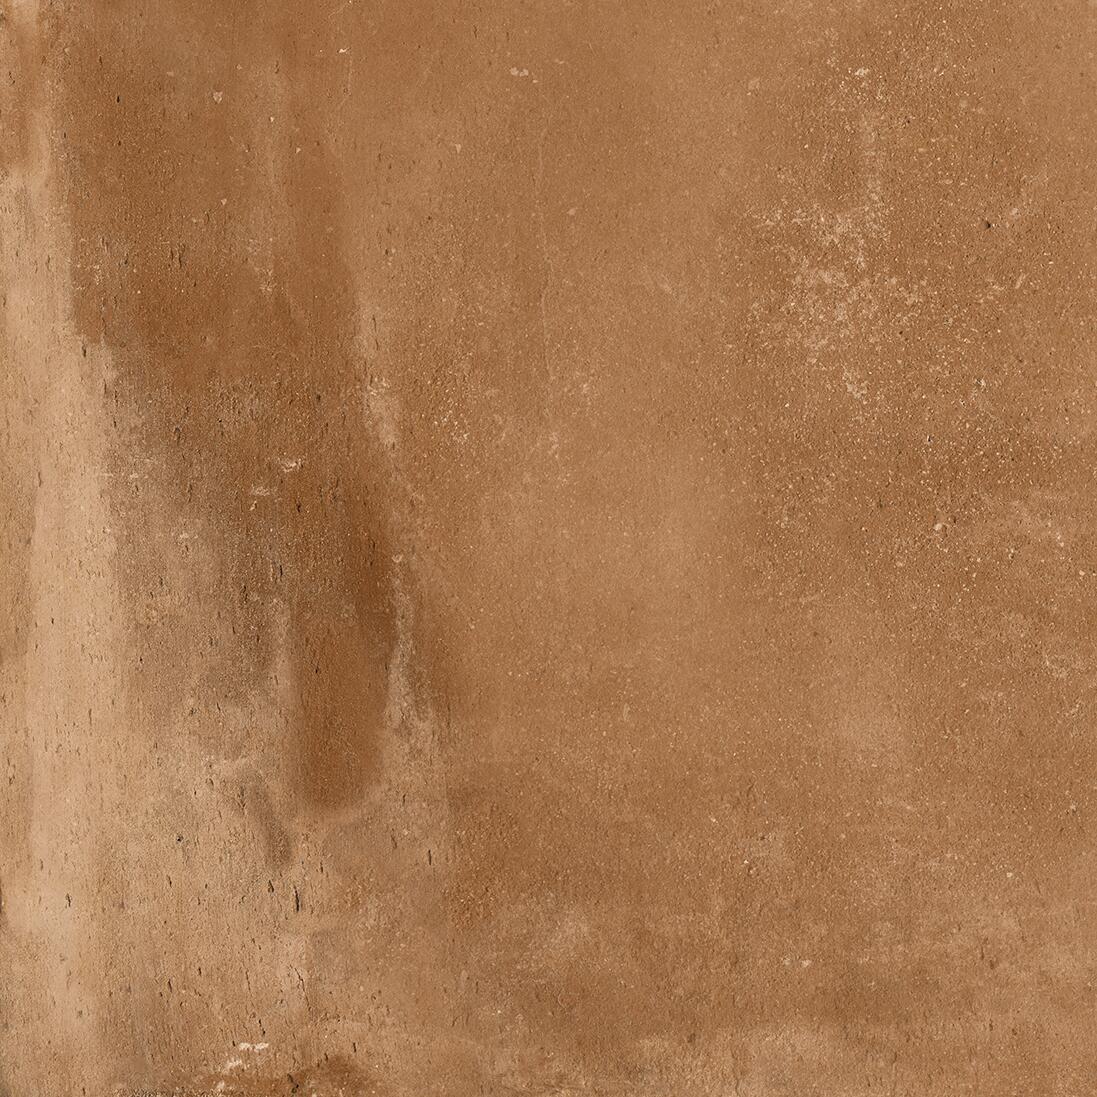 Piastrella Abbazia 35.8 x 35.8 cm sp. 9.2 mm PEI 4/5 beige - 3